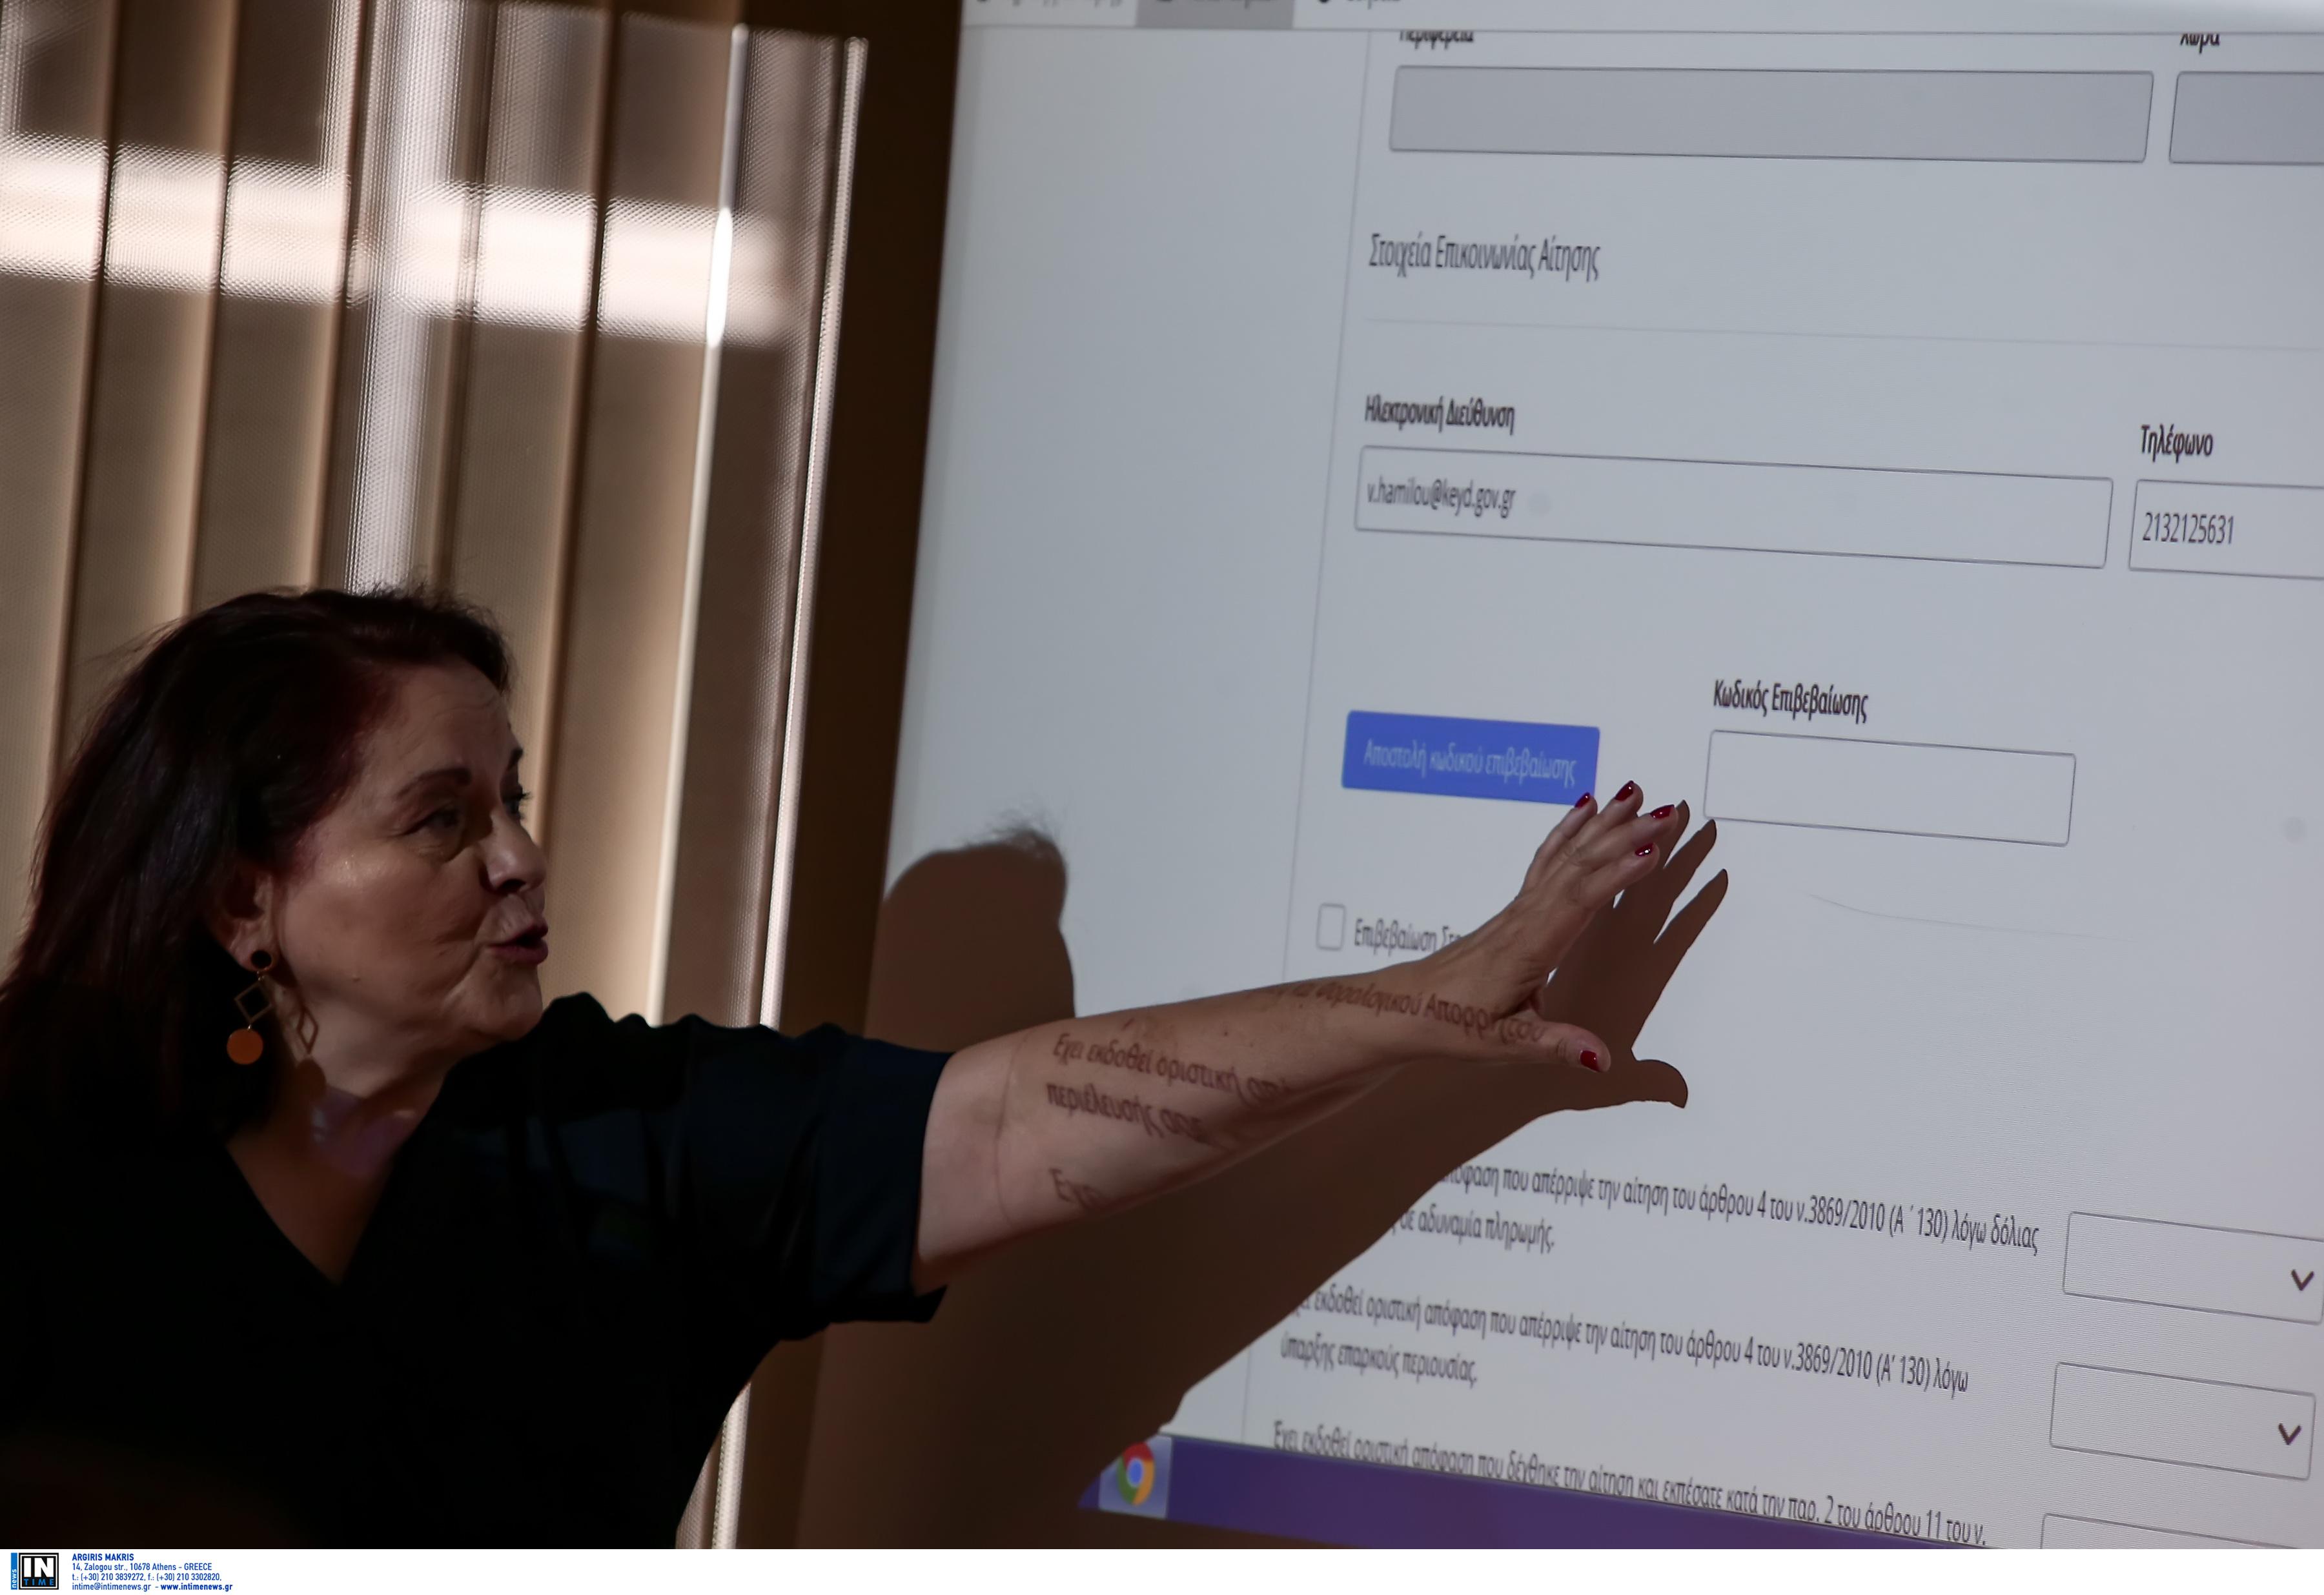 Ηλεκτρονική πλατφόρμα για την προστασία της πρώτης κατοικίας: 16.200 χρήστες έχουν ξεκινήσει τη διαδικασία ετοιμασίας της αίτησης